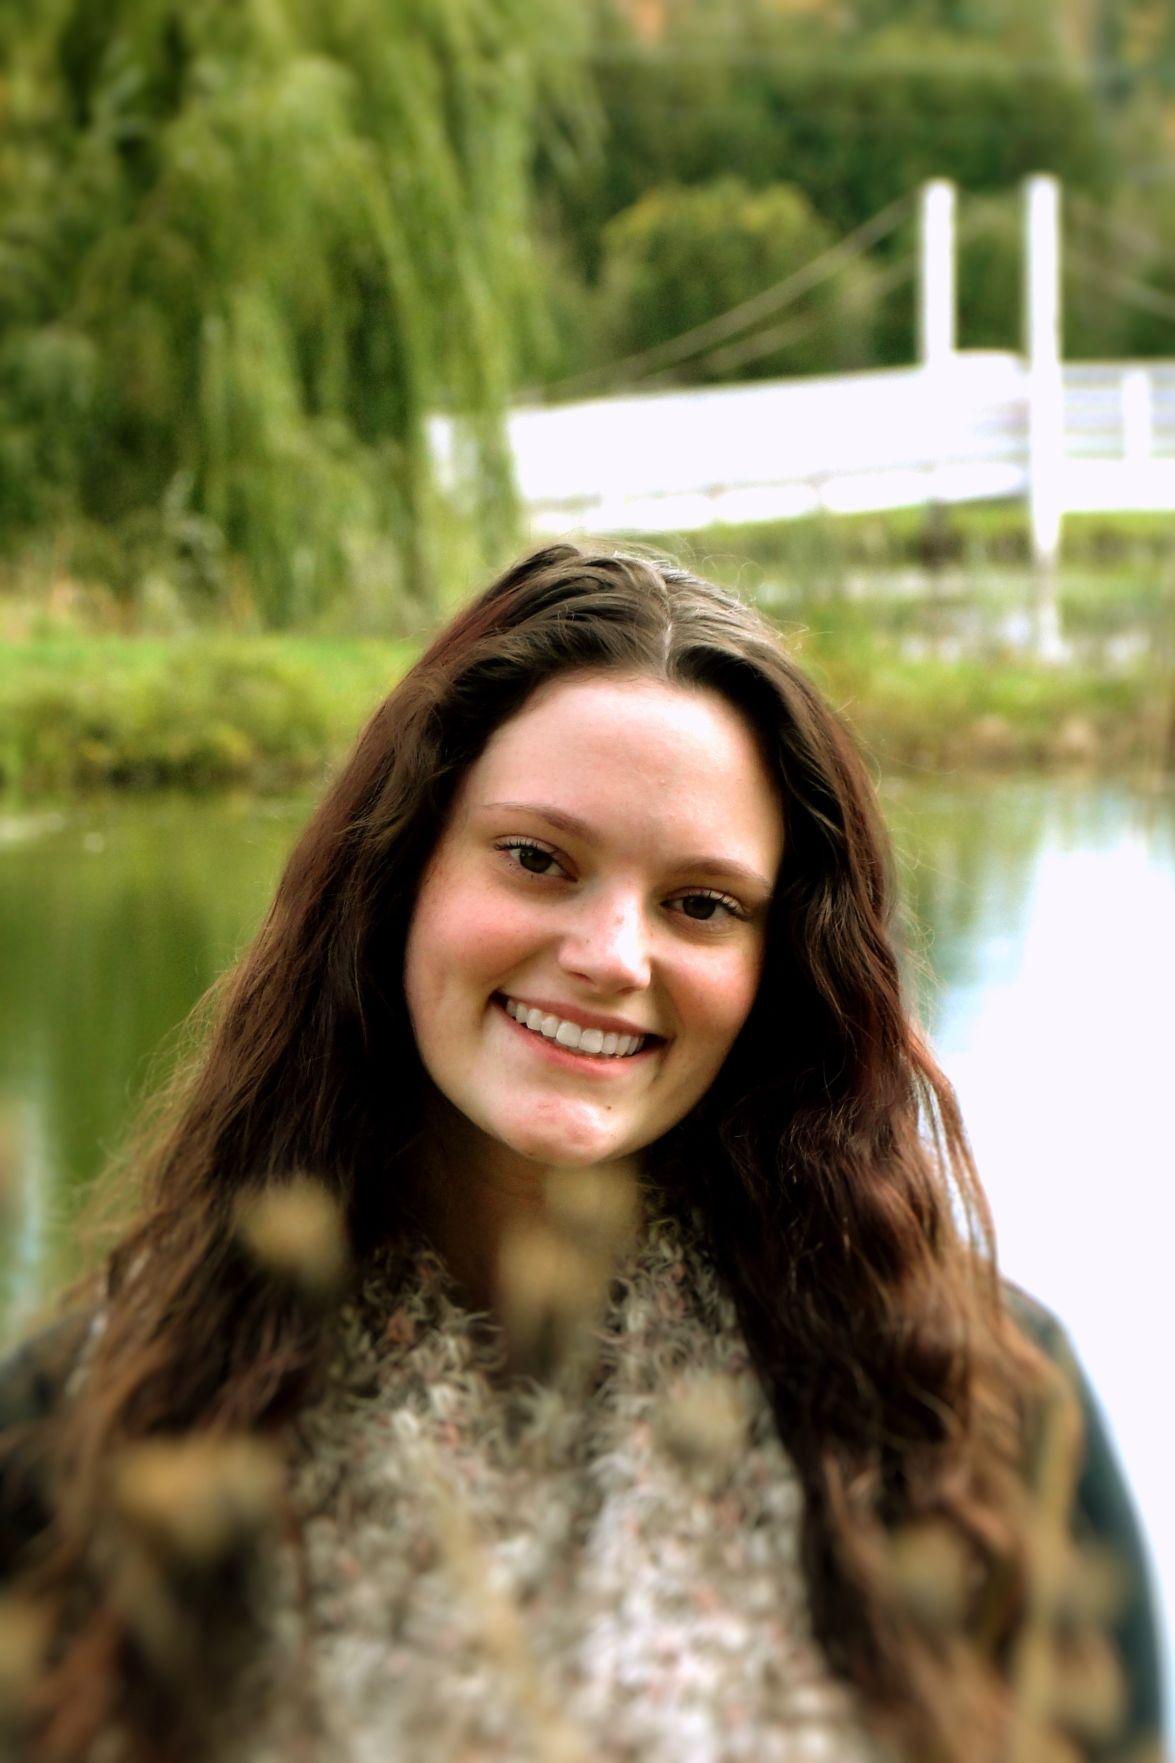 Hanna Curtis